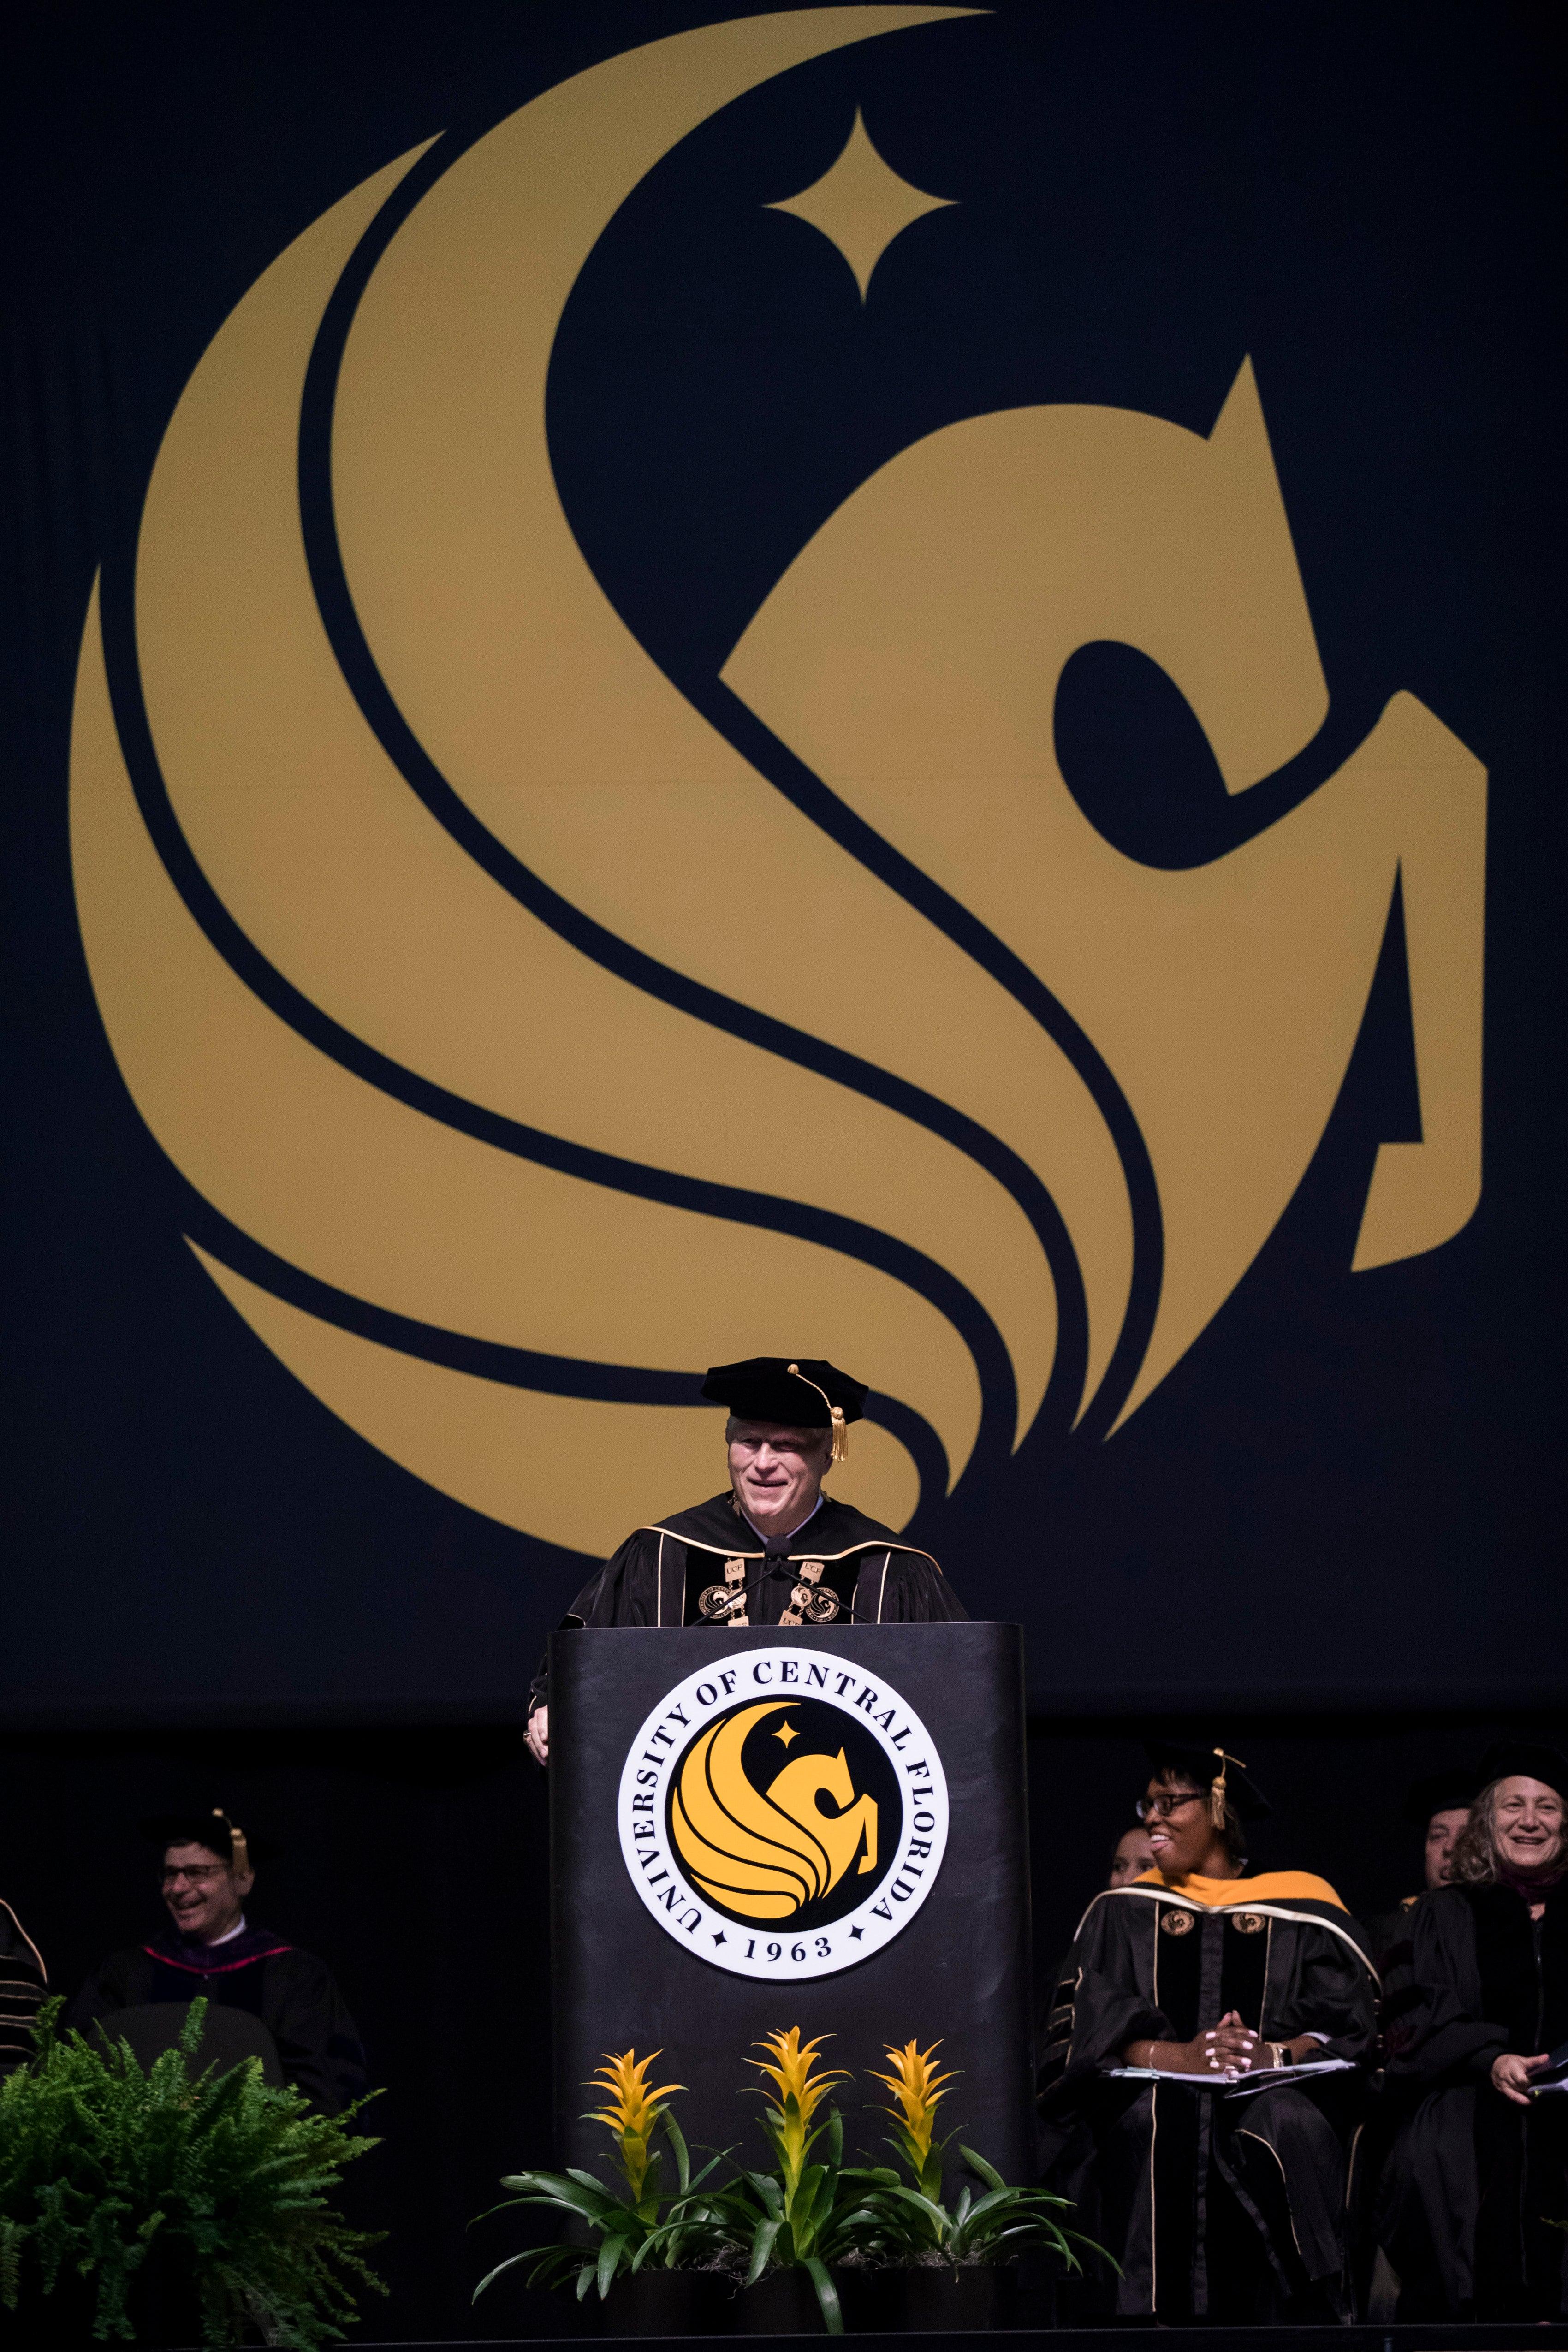 John C. Hitt speaks at a podium while wearing regalia as a yellow Pegasus symbol hangs behind him.